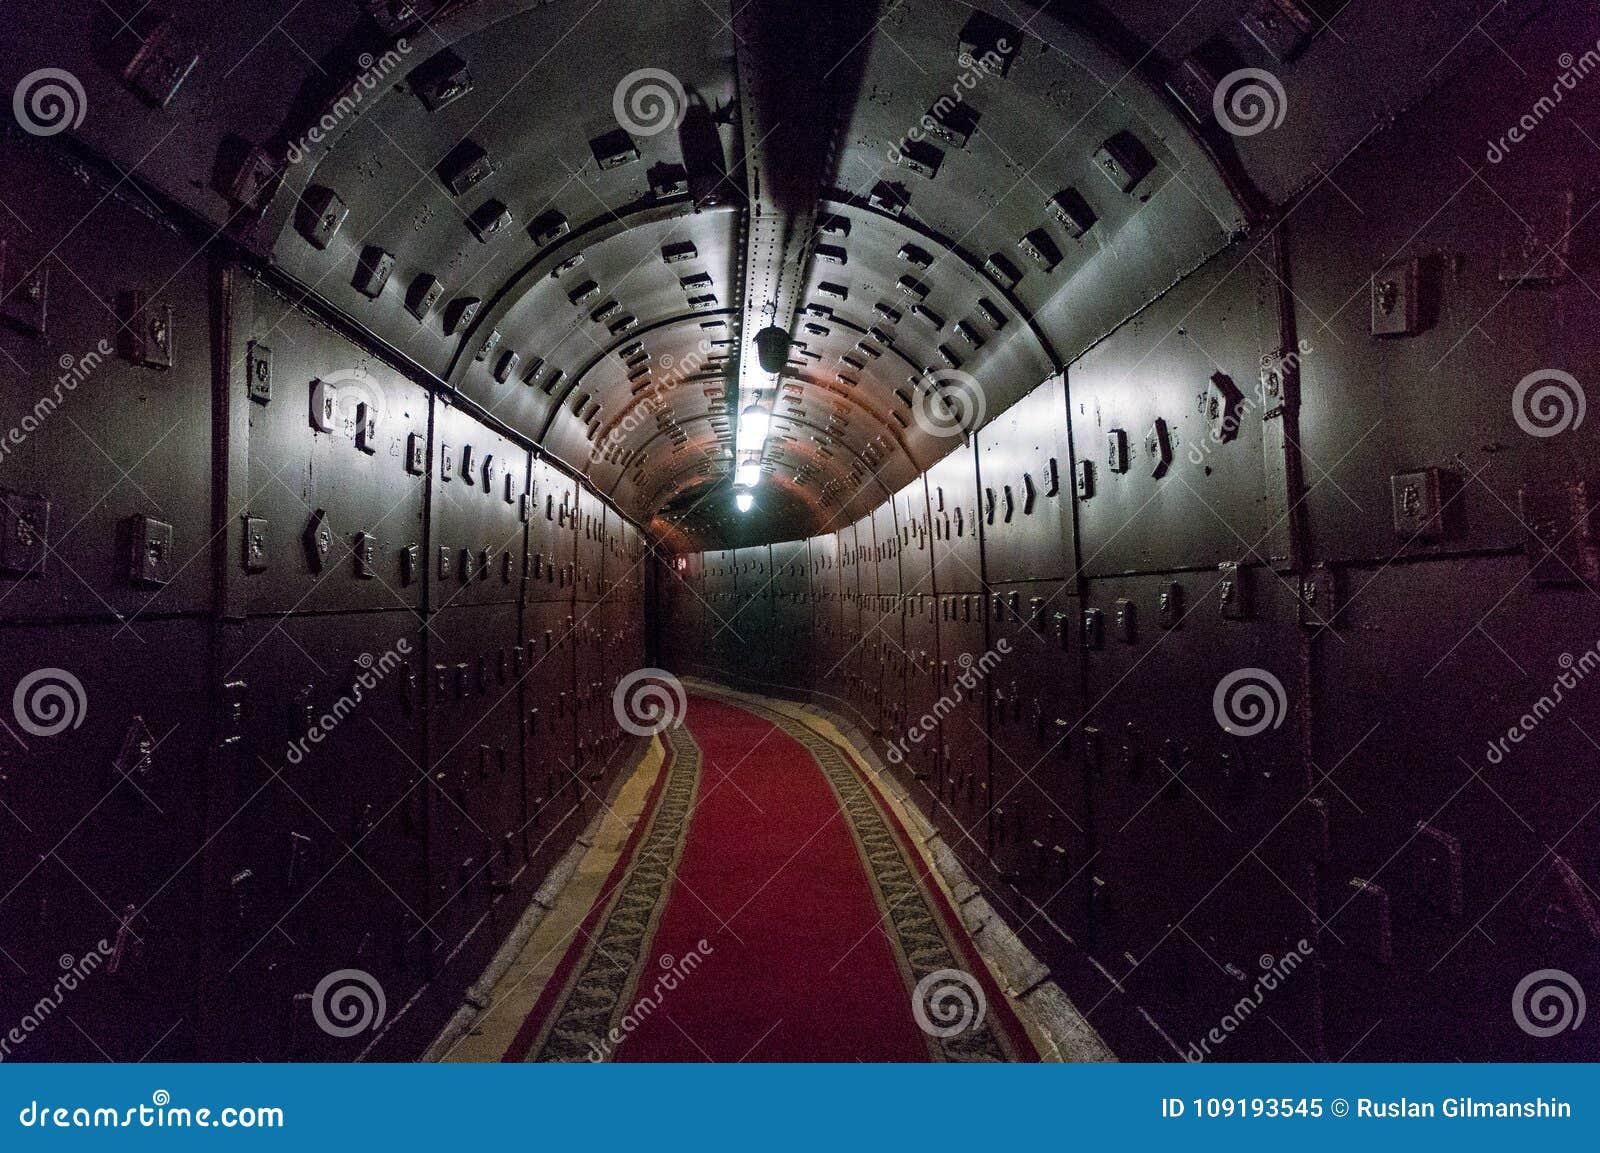 Moscou, Rússia - 25 de outubro de 2017: Escave um túnel em Bunker-42, facilidade subterrânea antinuclear construída em 1956 como